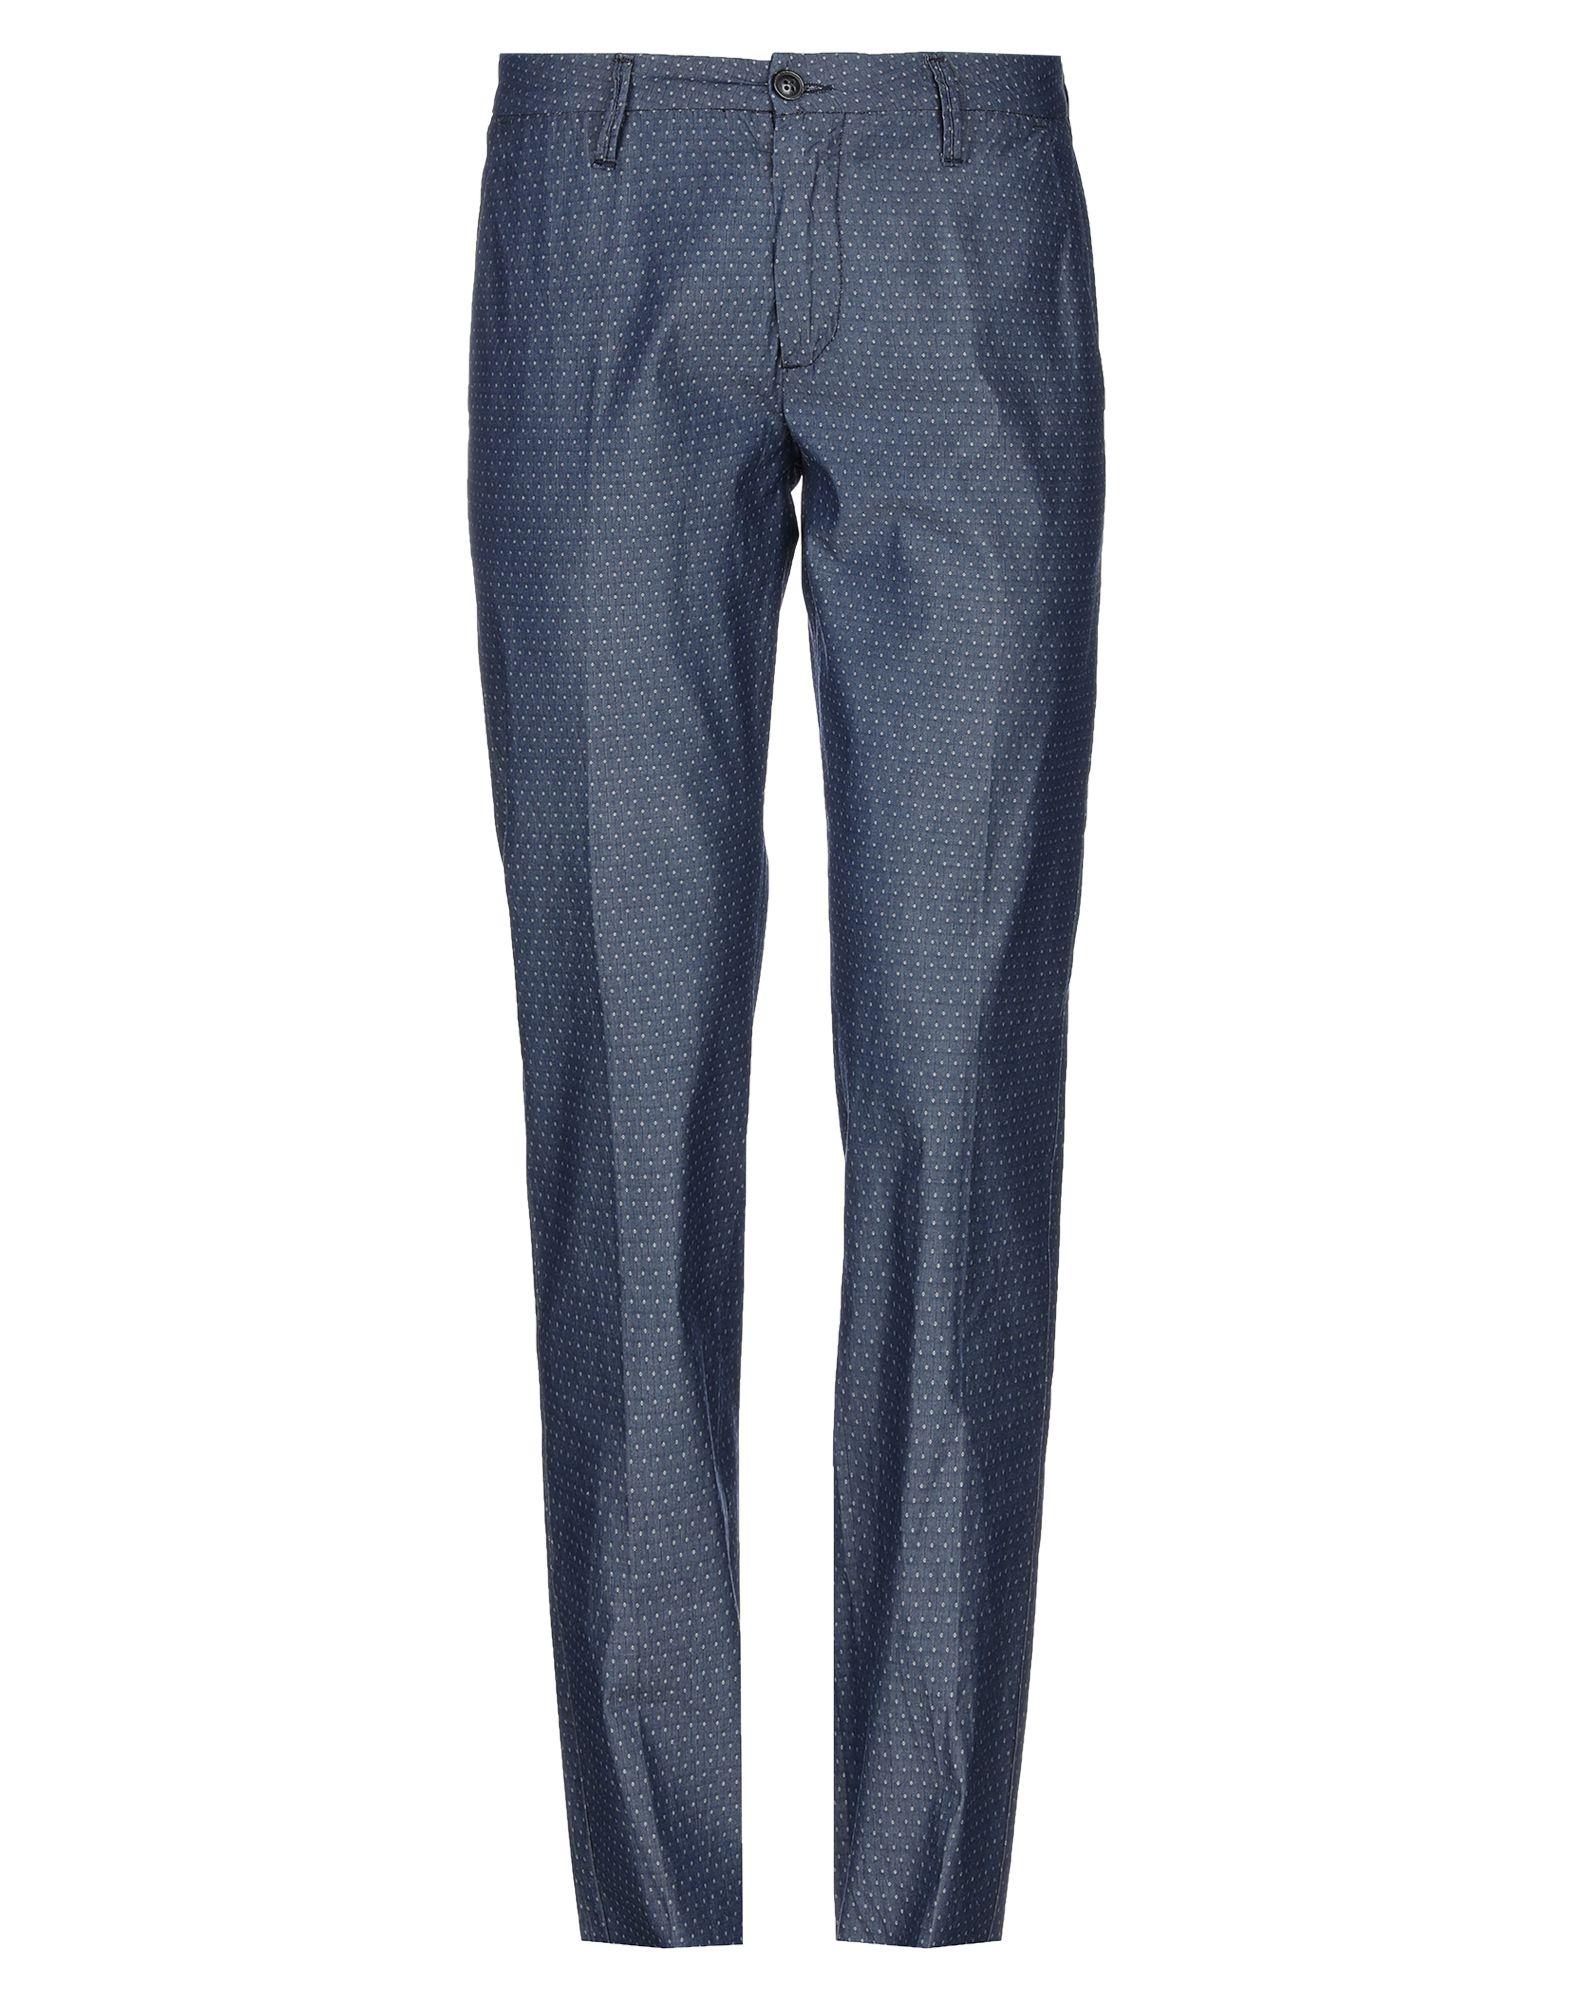 Фото - ONE SEVEN TWO Повседневные брюки seven джинсовые брюки